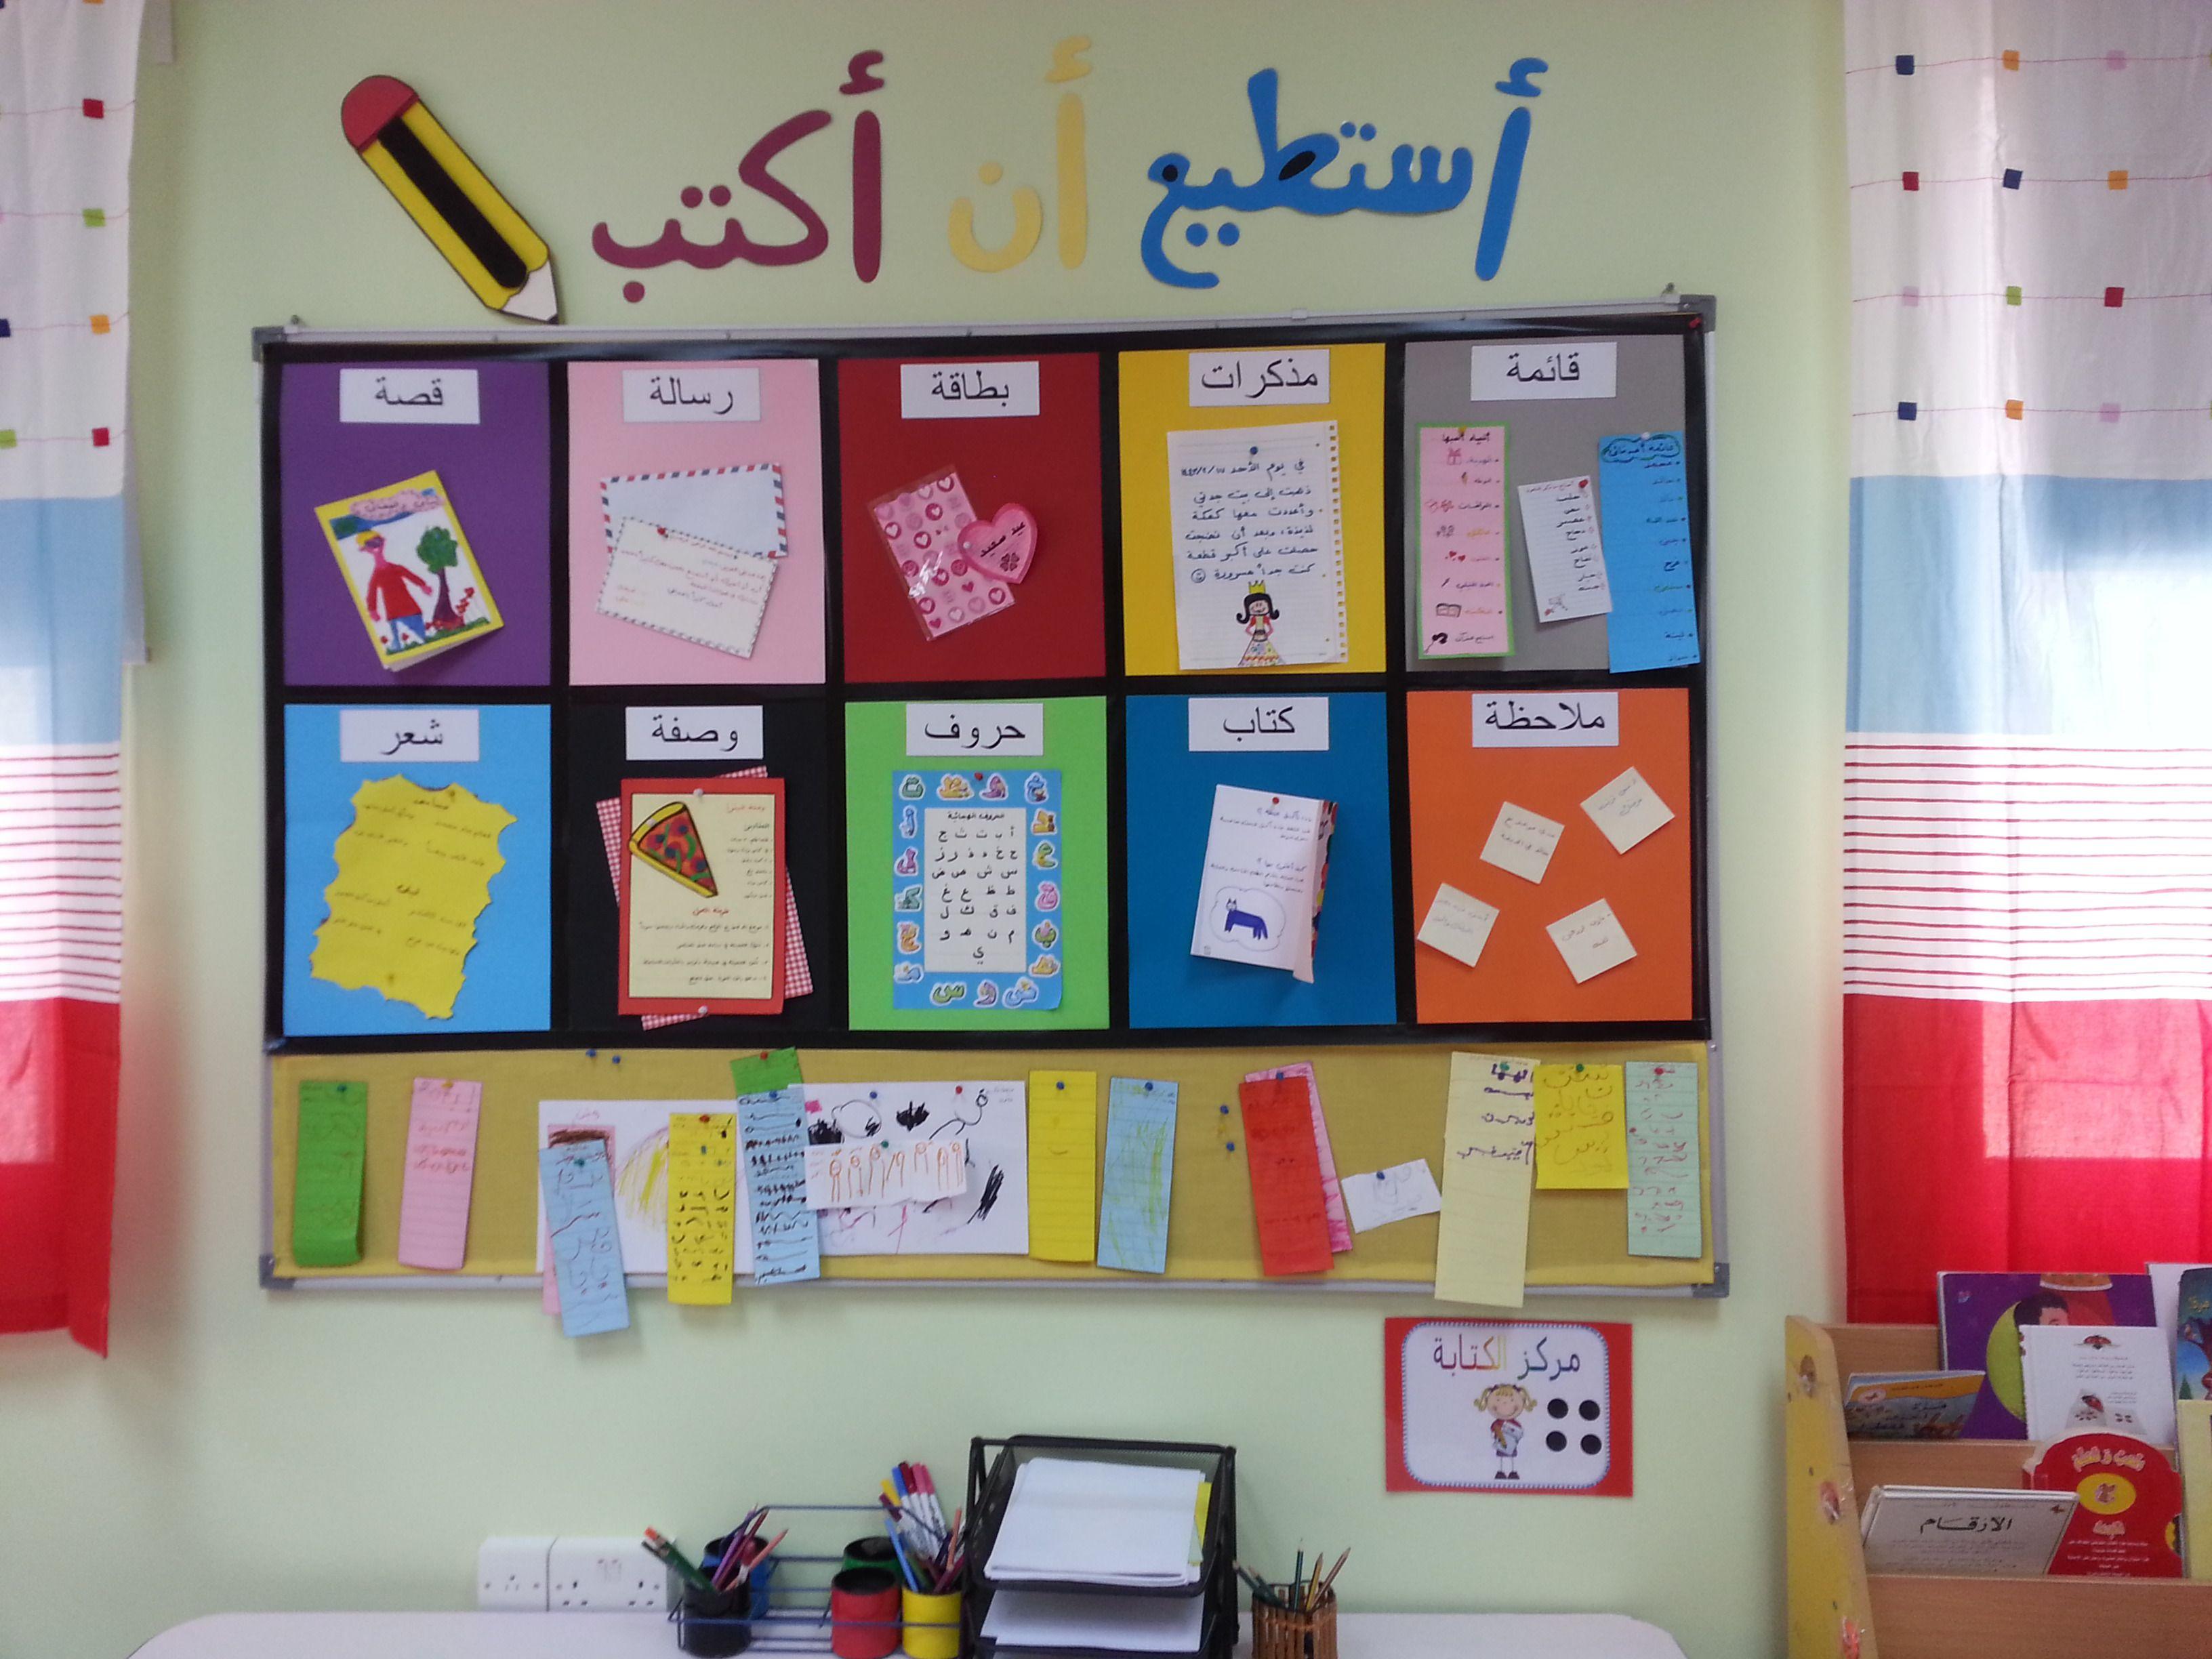 لوحة من تنفيذي توضح للأطفال المجالات التي يمكنهم الكتابة فيها Arabic Alphabet For Kids Learning Arabic Arabic Kids